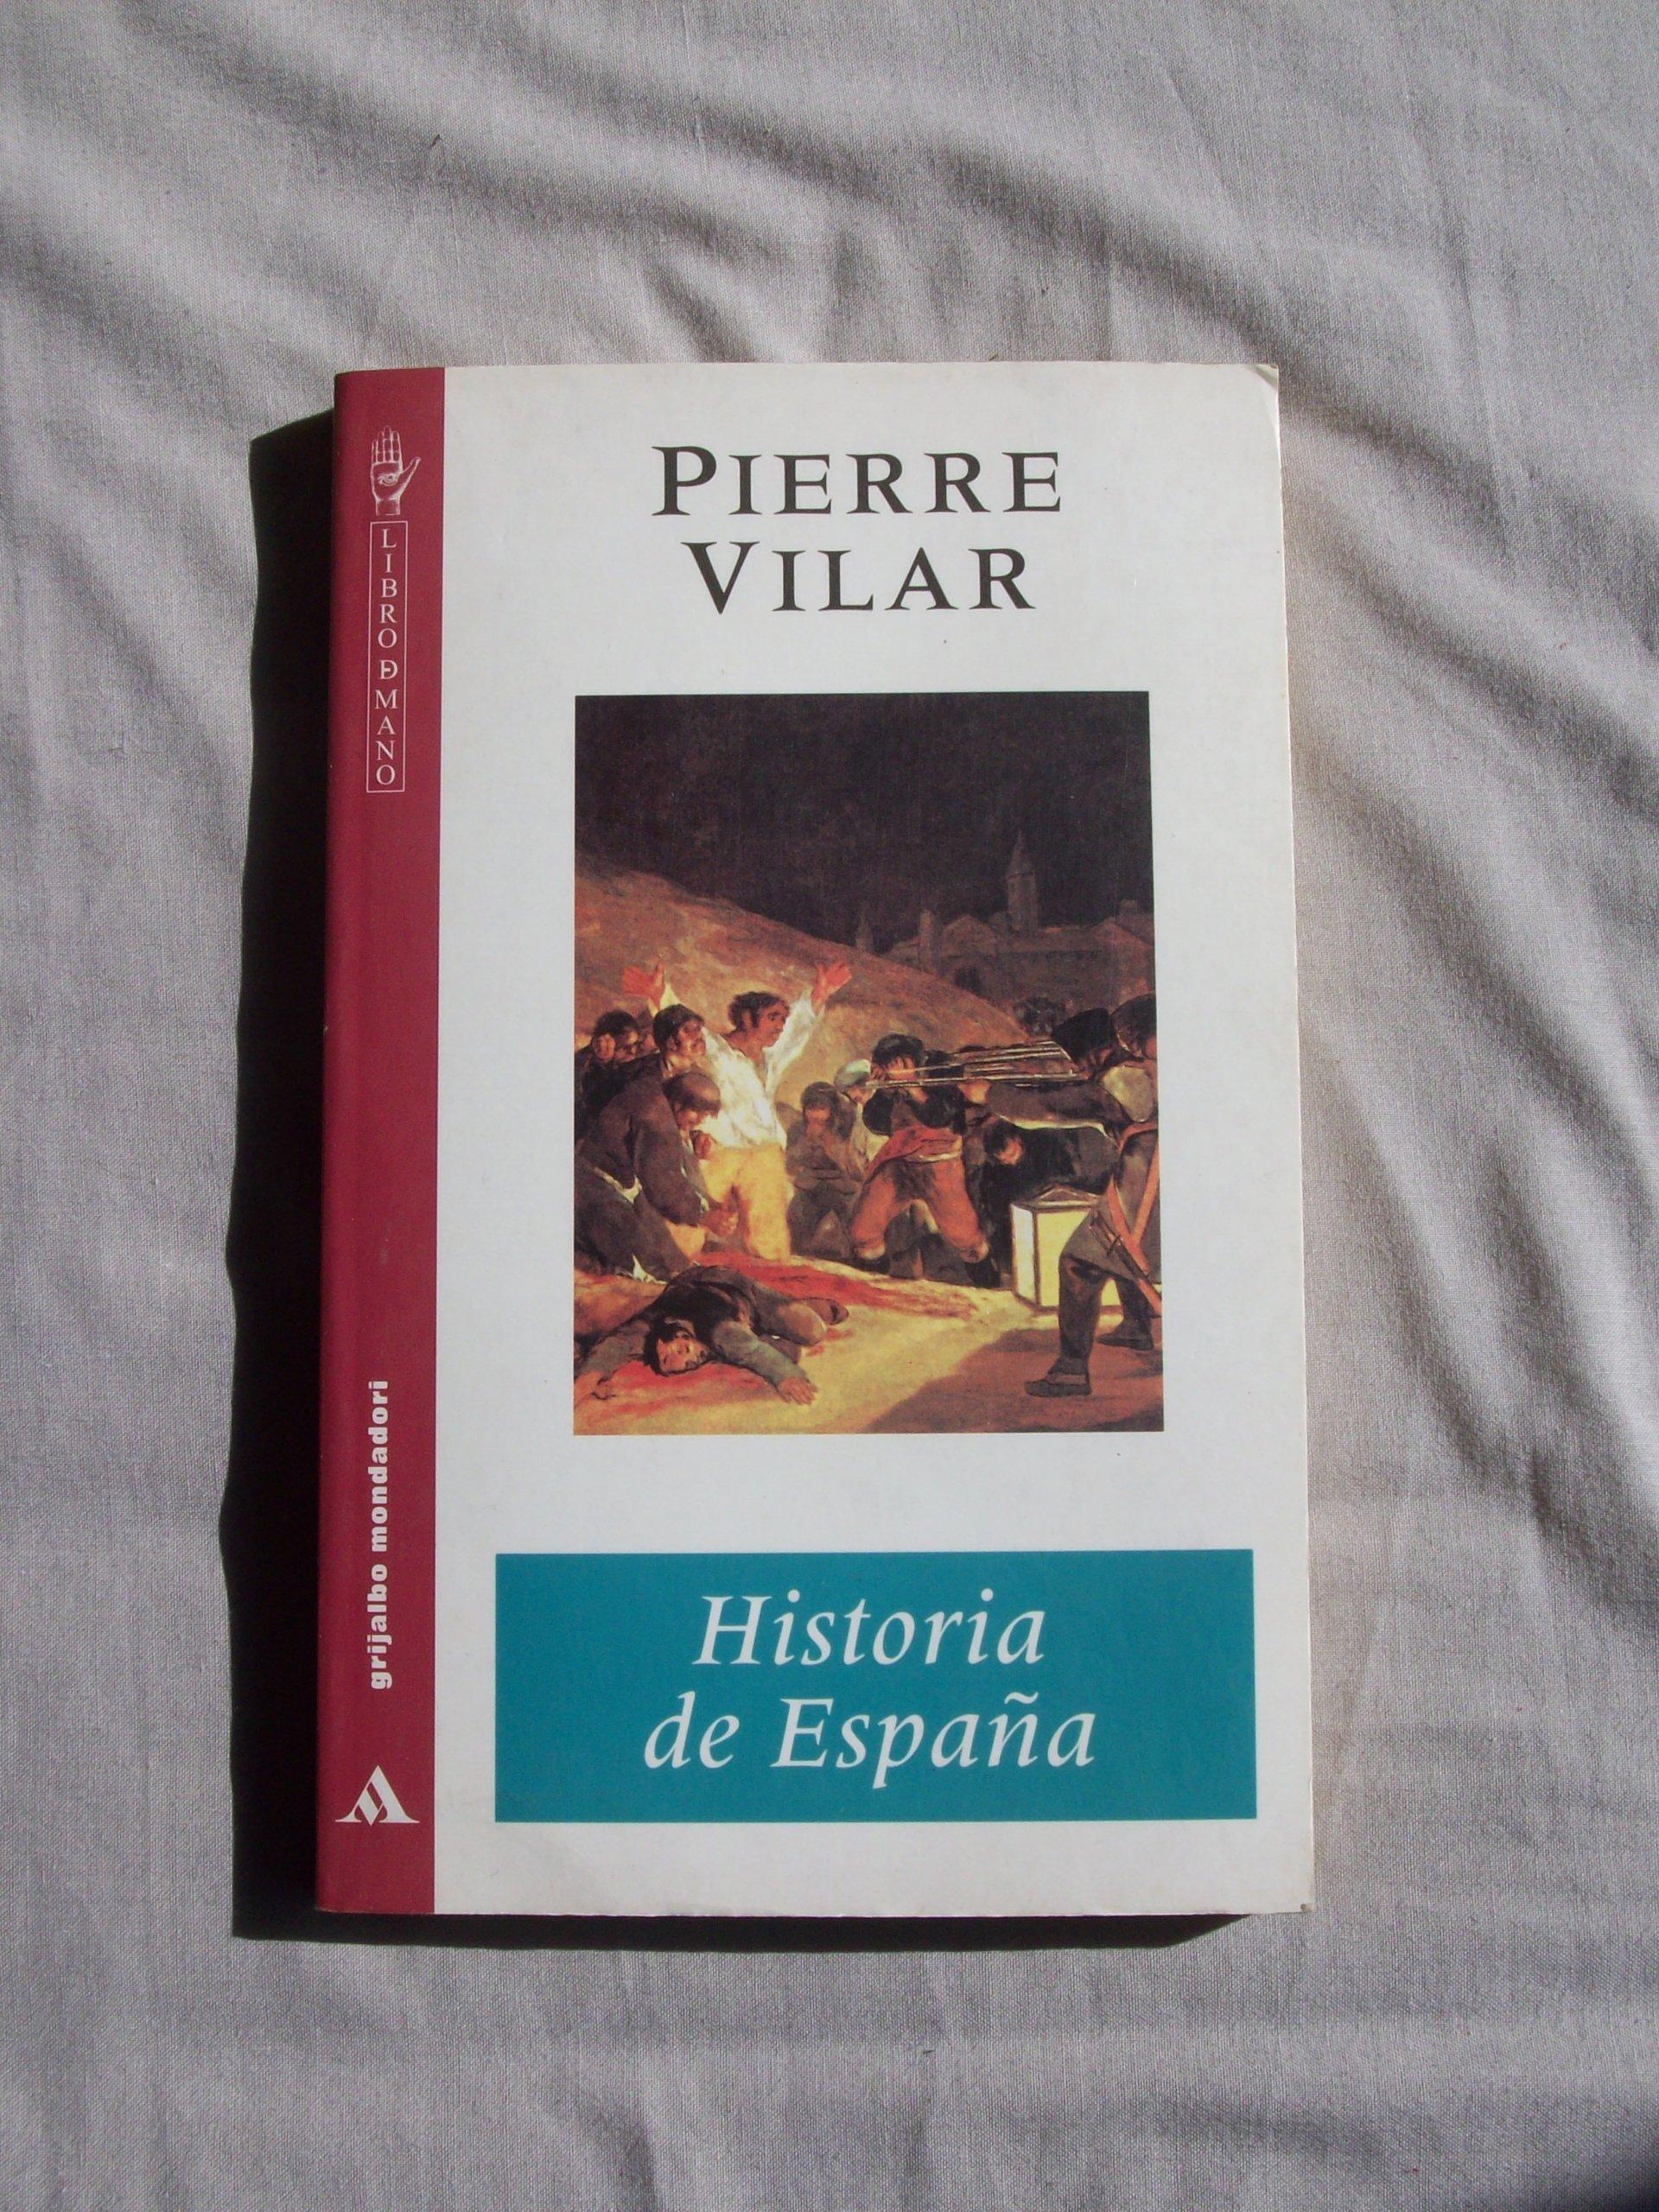 Historia de España: Amazon.es: Pierre, Vilar: Libros